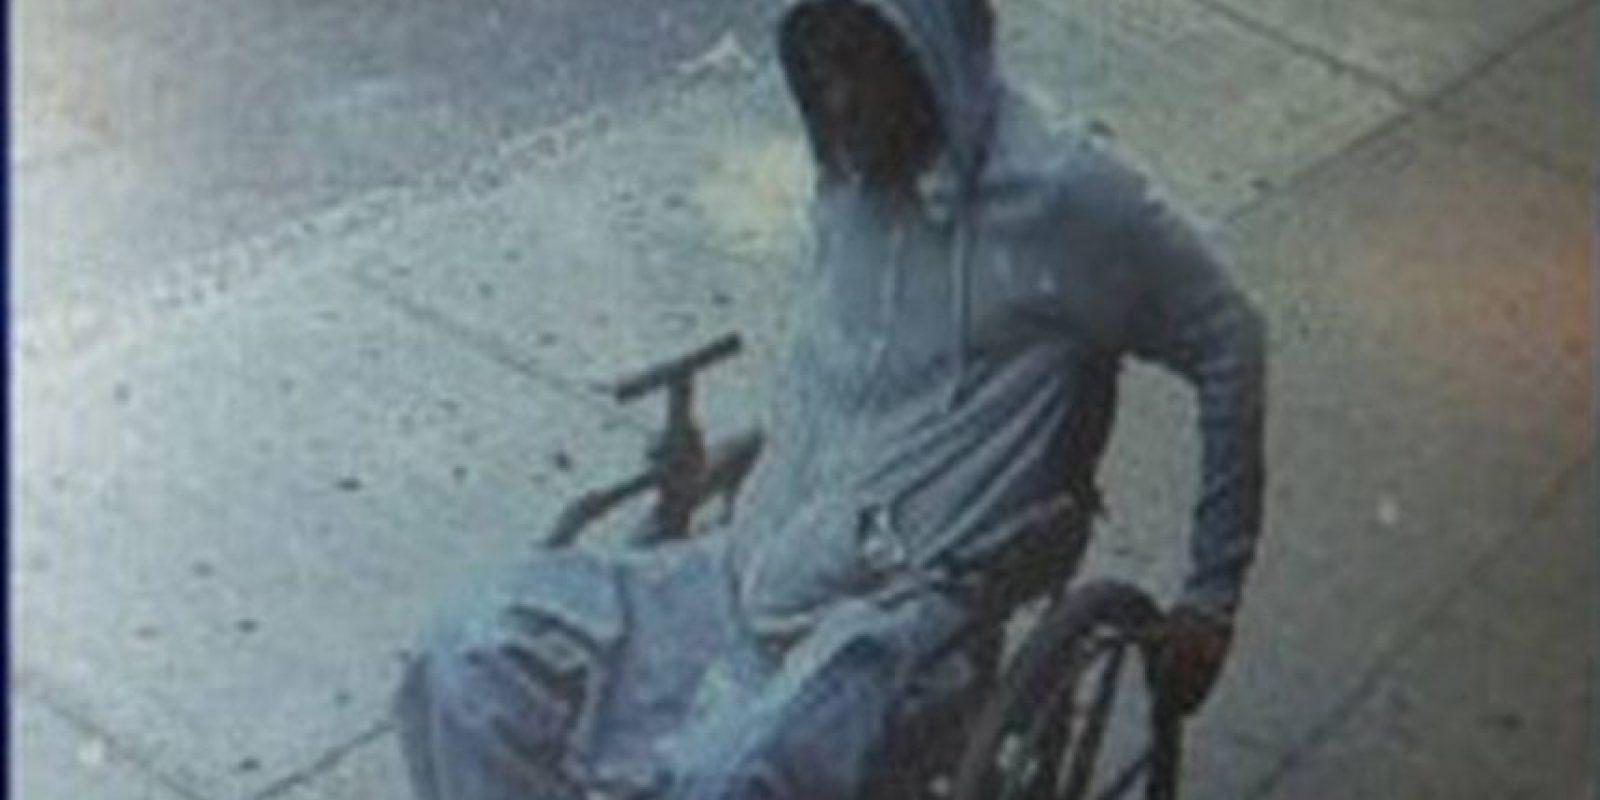 La huida del sospechoso fue captada por la cámara de un negocio cercano. Foto:Vía nyc.gov